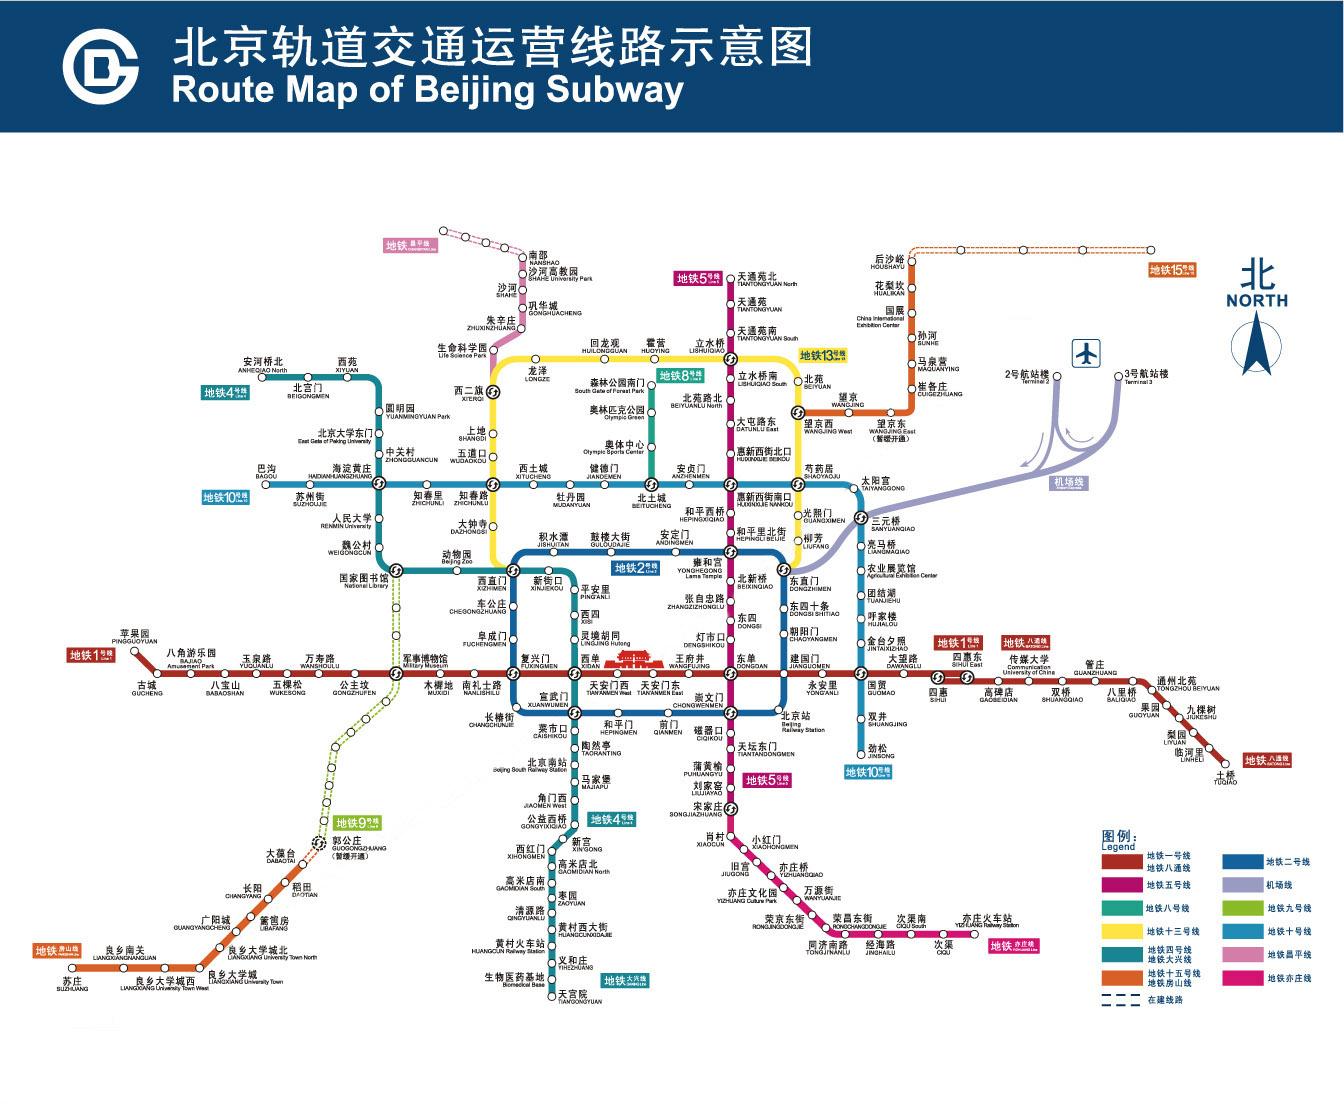 从今年(2011年)到2015年,北京的轨道交通在原规划十余条地铁线建设的图片